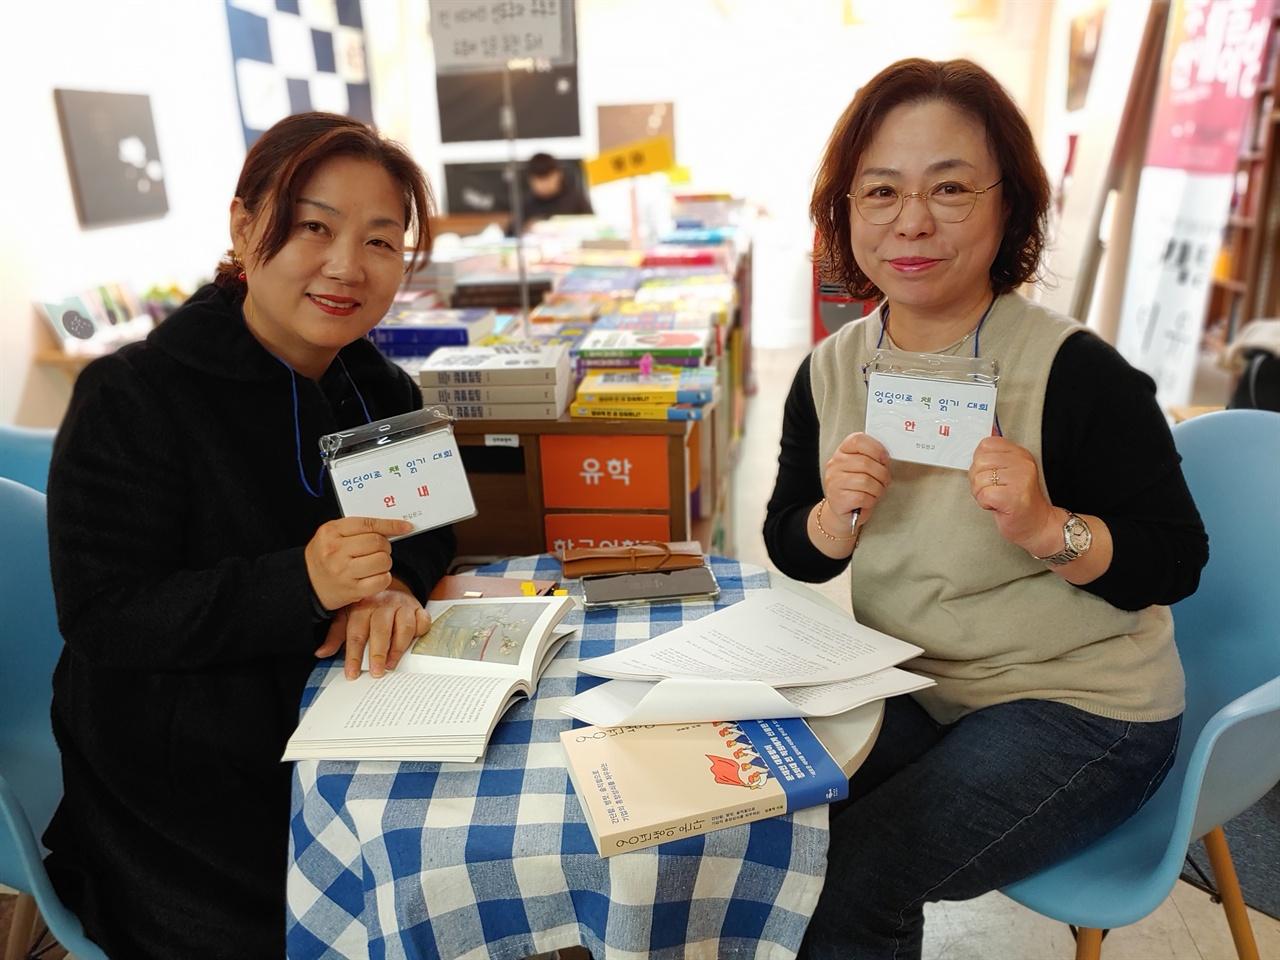 자원봉사를 해준 김유림, 이은미 선생님. 박효영 선생님도 자원봉사 해주었는데 사진에 없다.